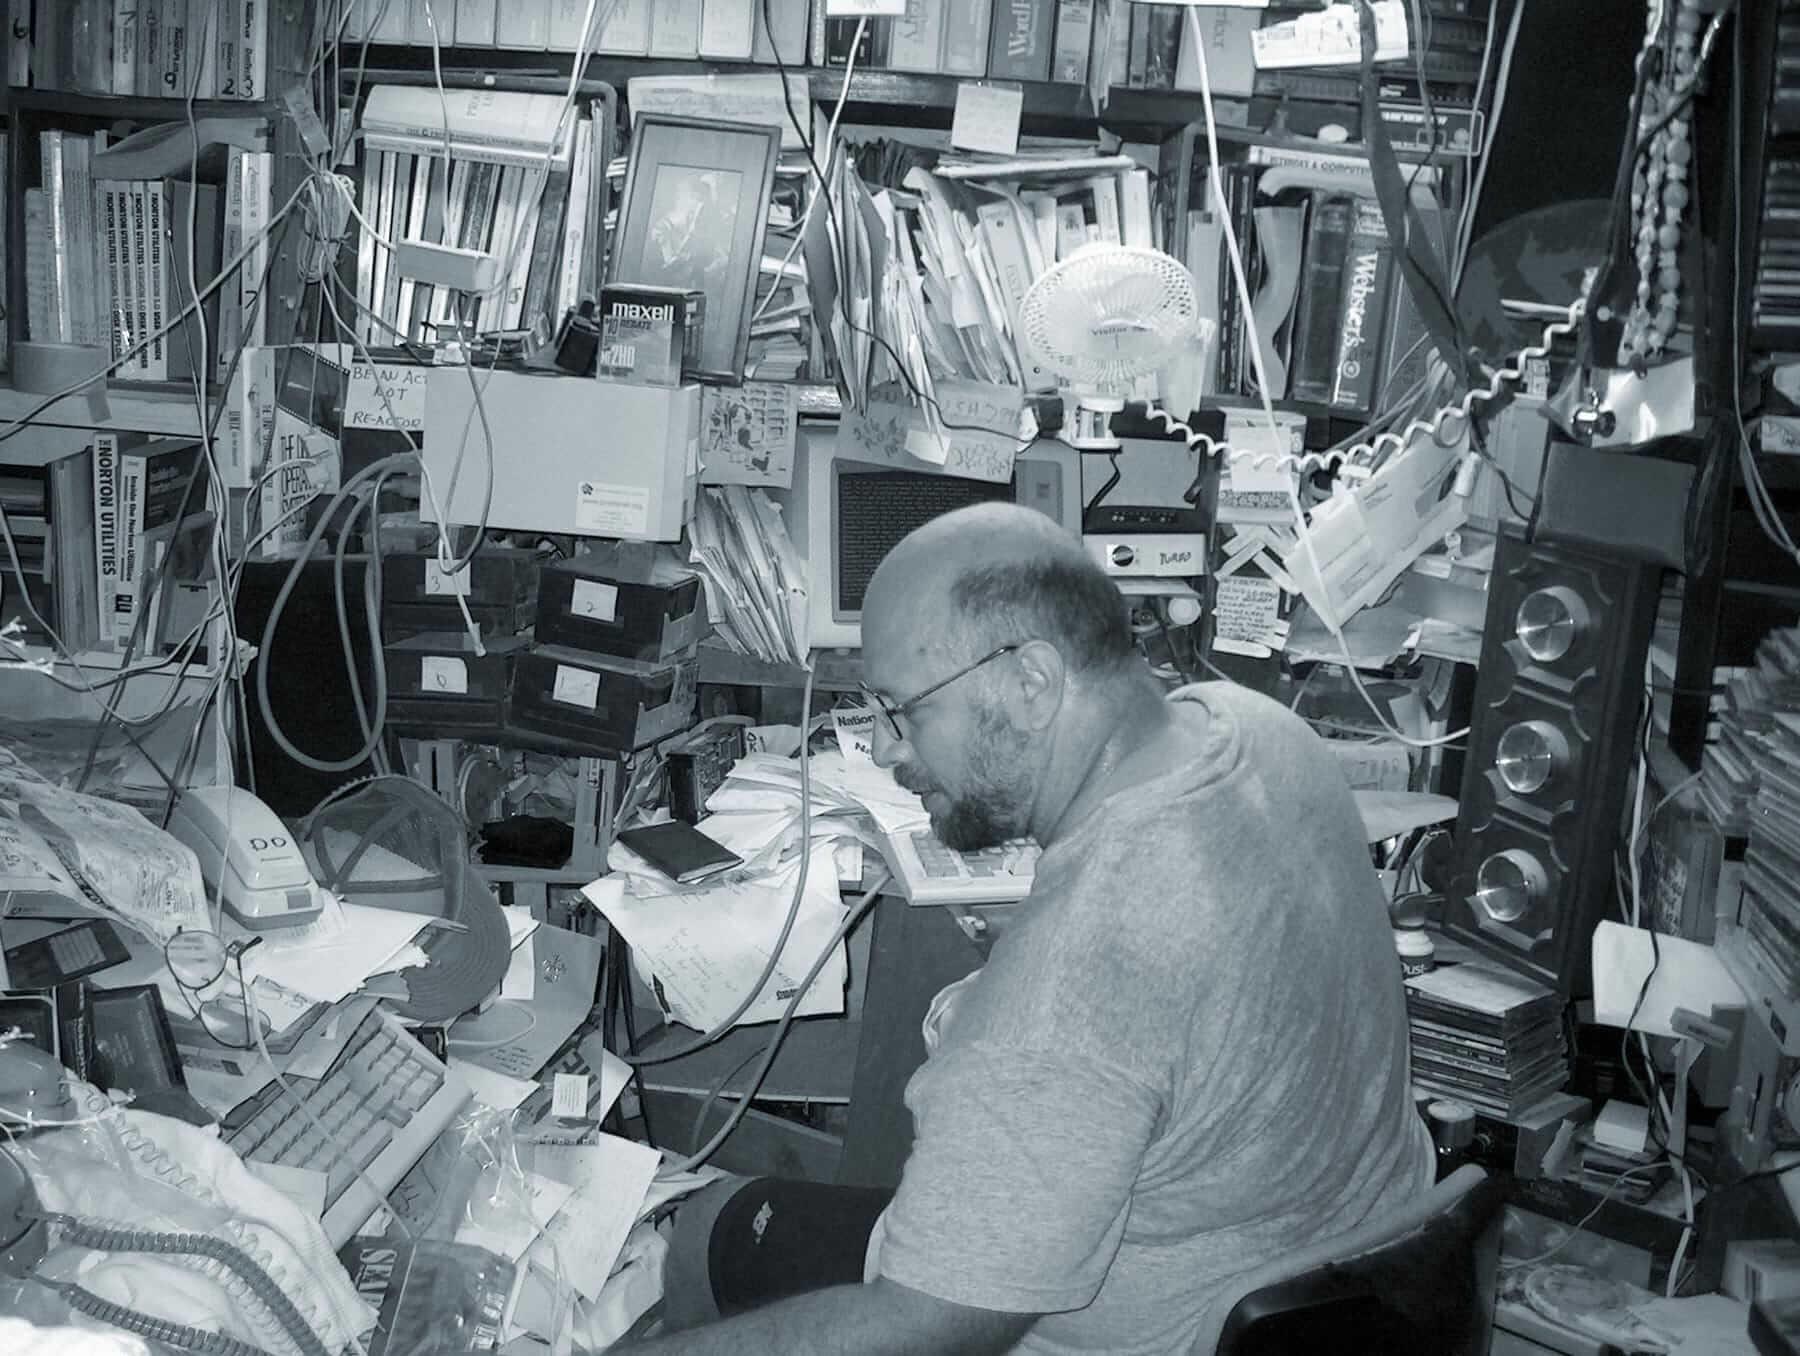 Майкл Стерн Харт — автор проекта «Гутенберг», первой в мире библиотеки доступных электронных книг. Источник: brewster.kahle.org